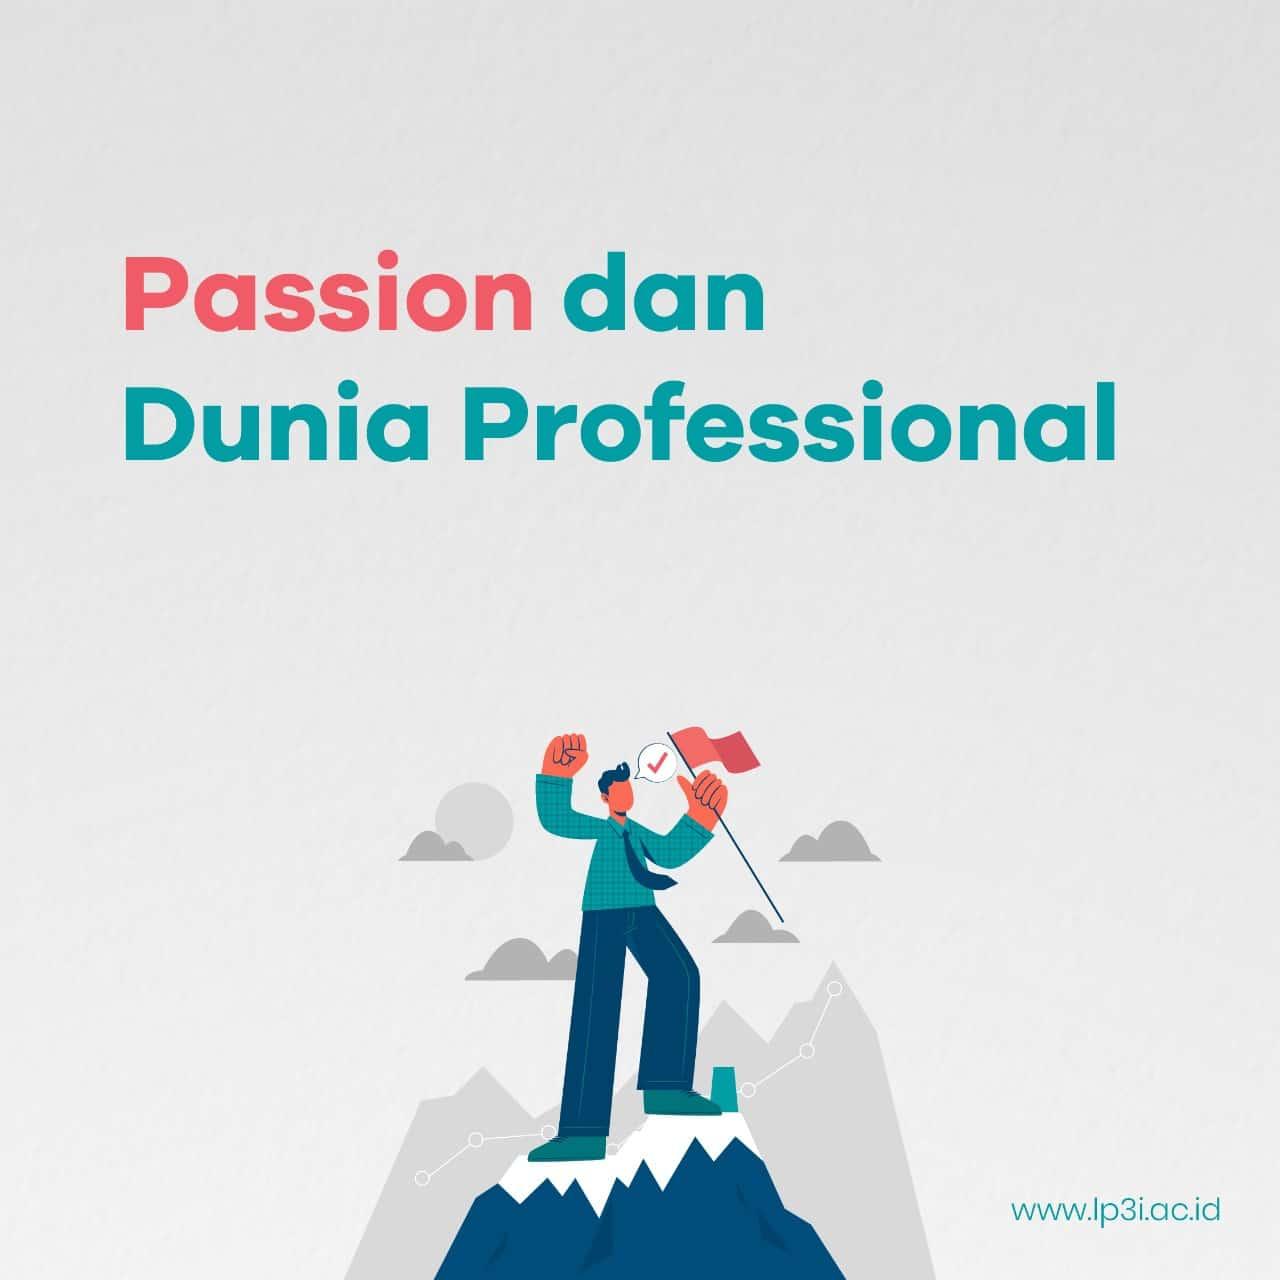 Passion dan Dunia Profesional